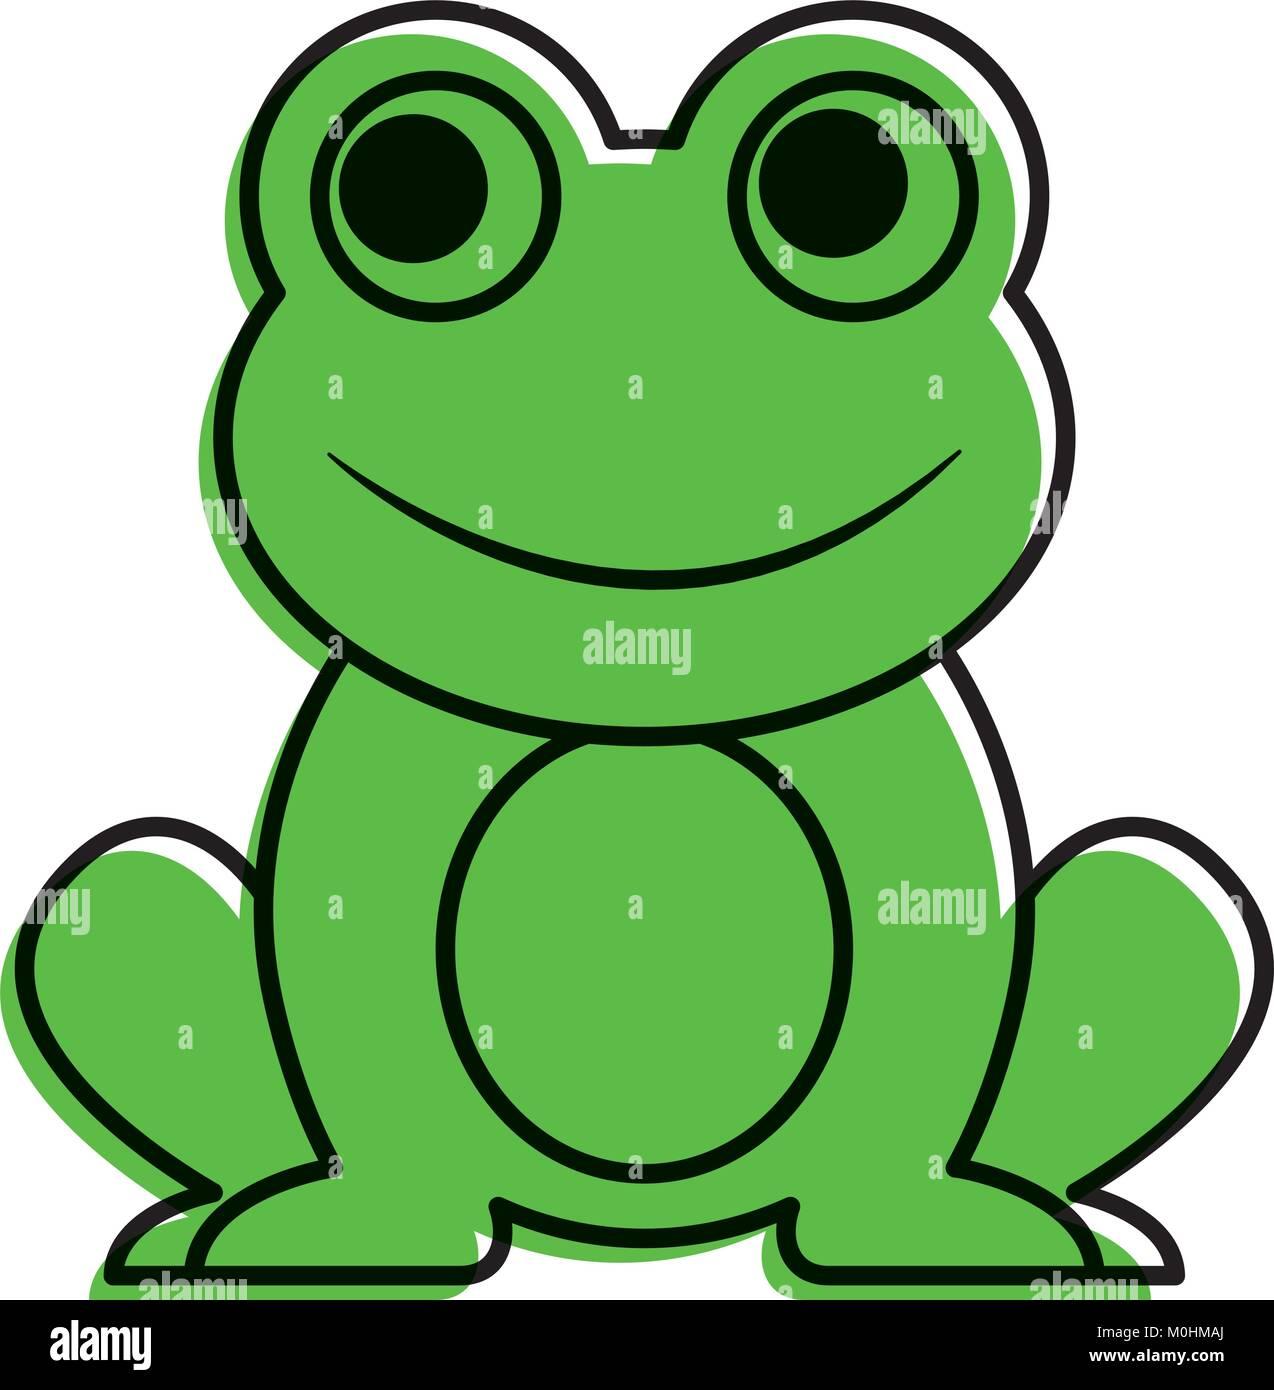 Fantastisch Lebenszyklus Eines Frosches Färbung Seite Bilder ...